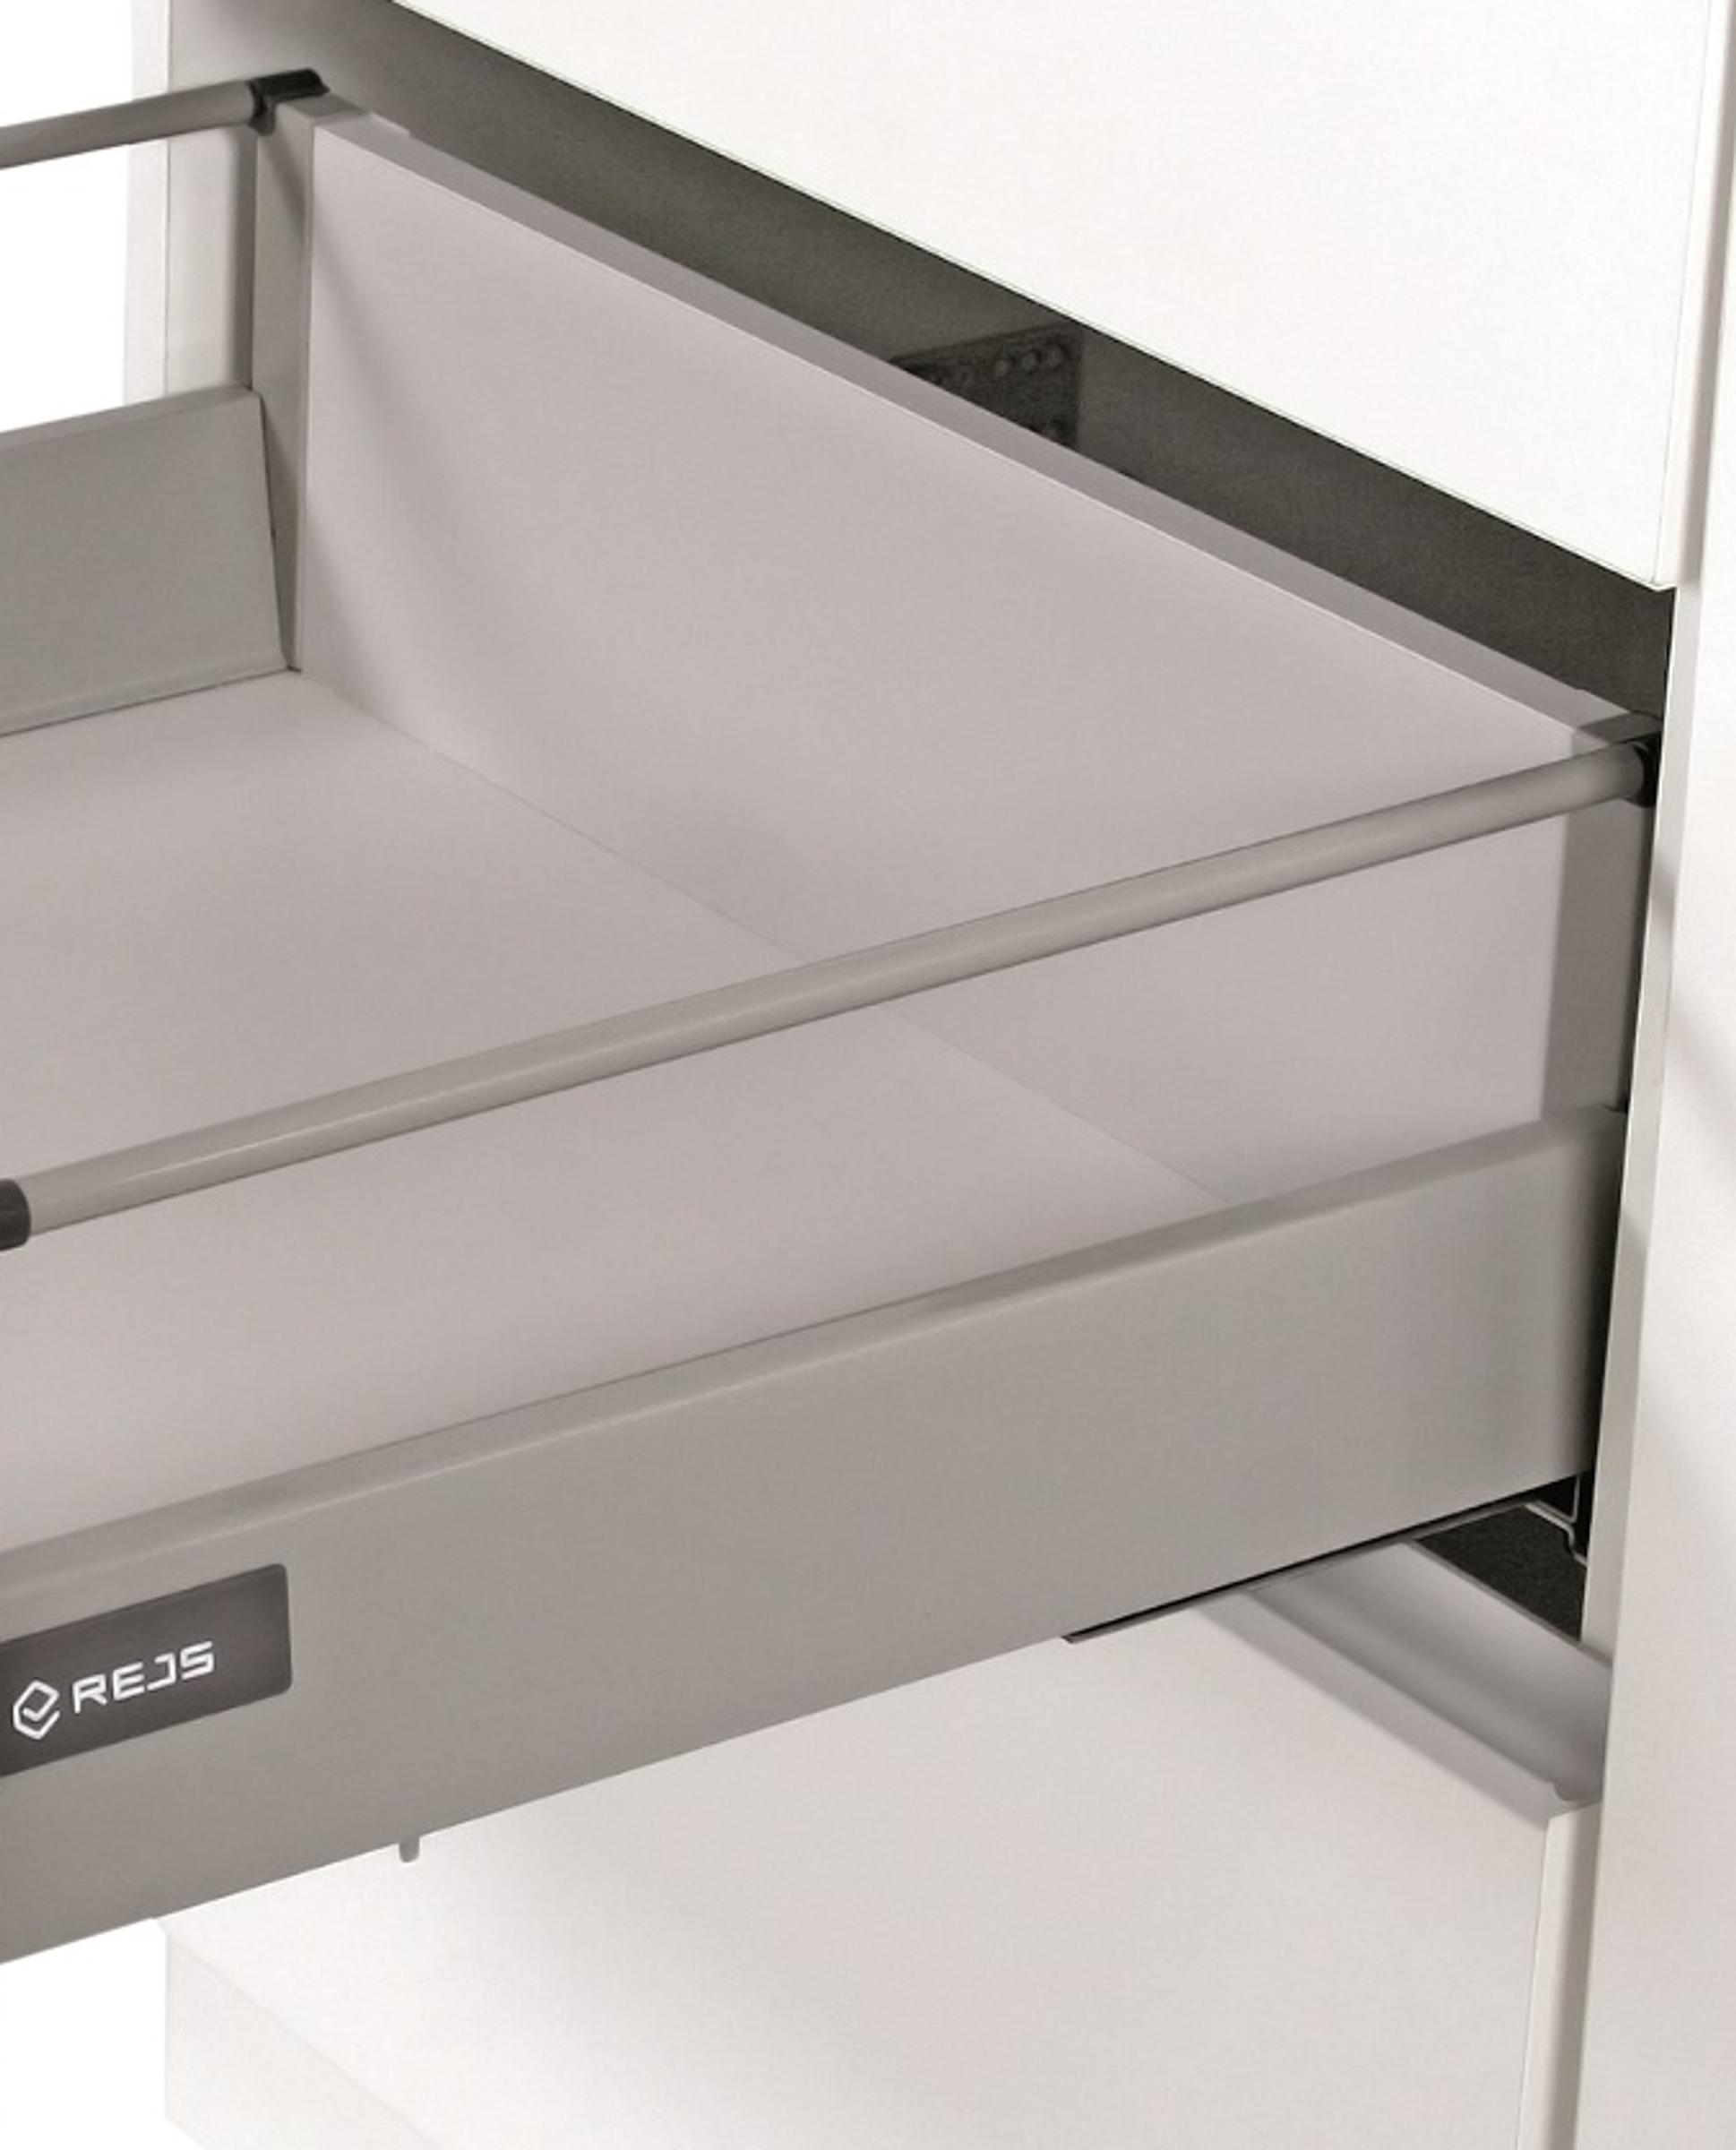 [Paket] Küchen Unterschrank 60 cm Bianca Weiss Hochglanz + Grau Vollauszug  Soft-Close